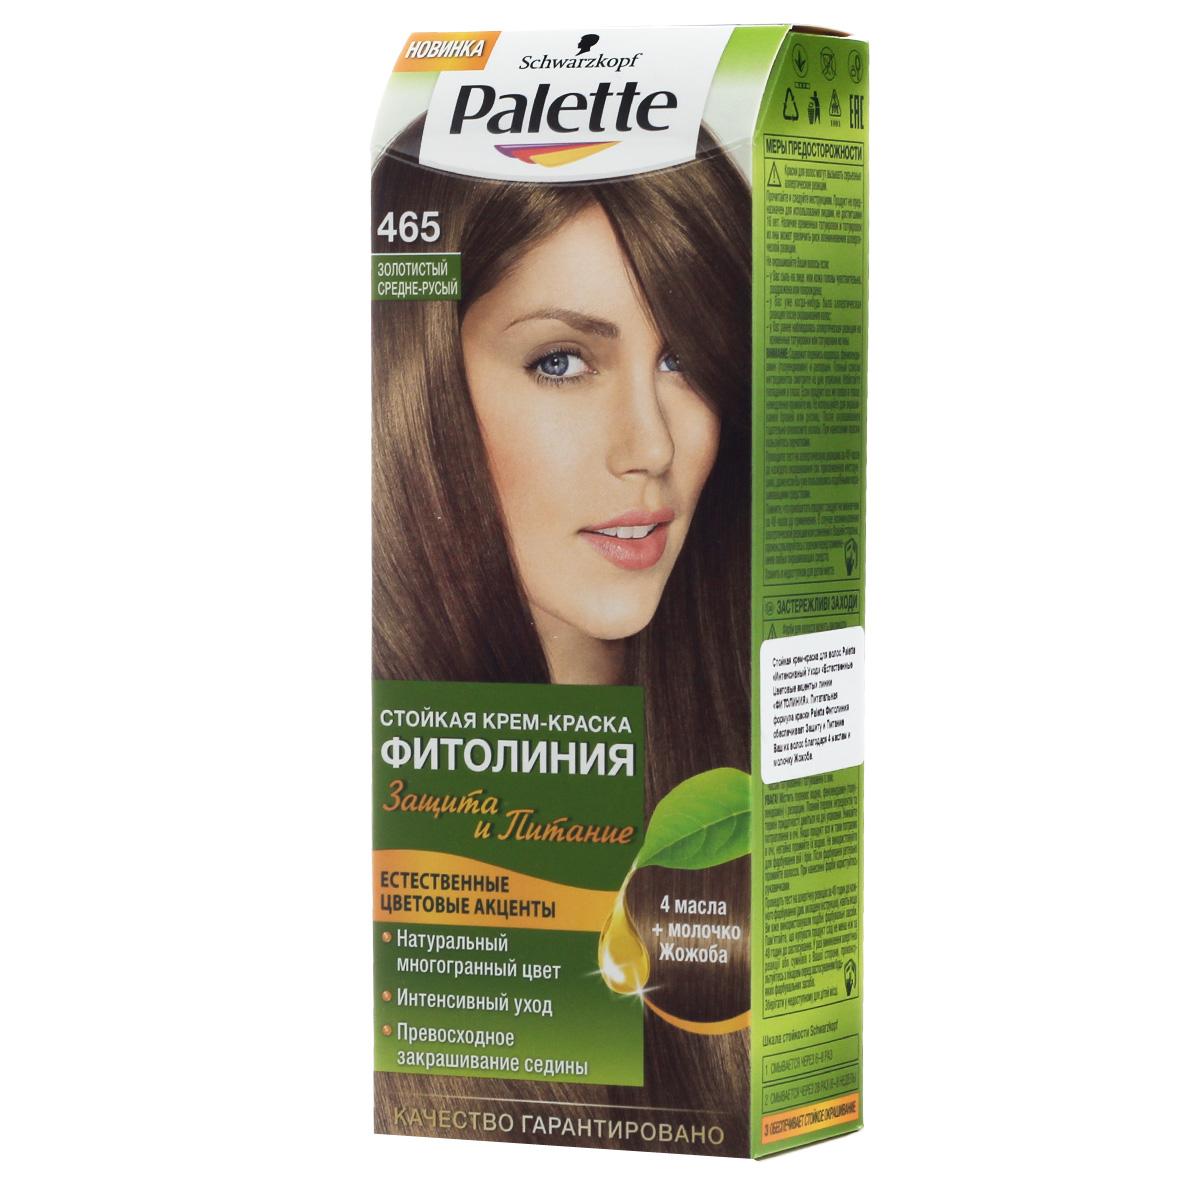 PALETTE Краска для волос ФИТОЛИНИЯ оттенок 465 Золотистый средне-русый, 110 мл